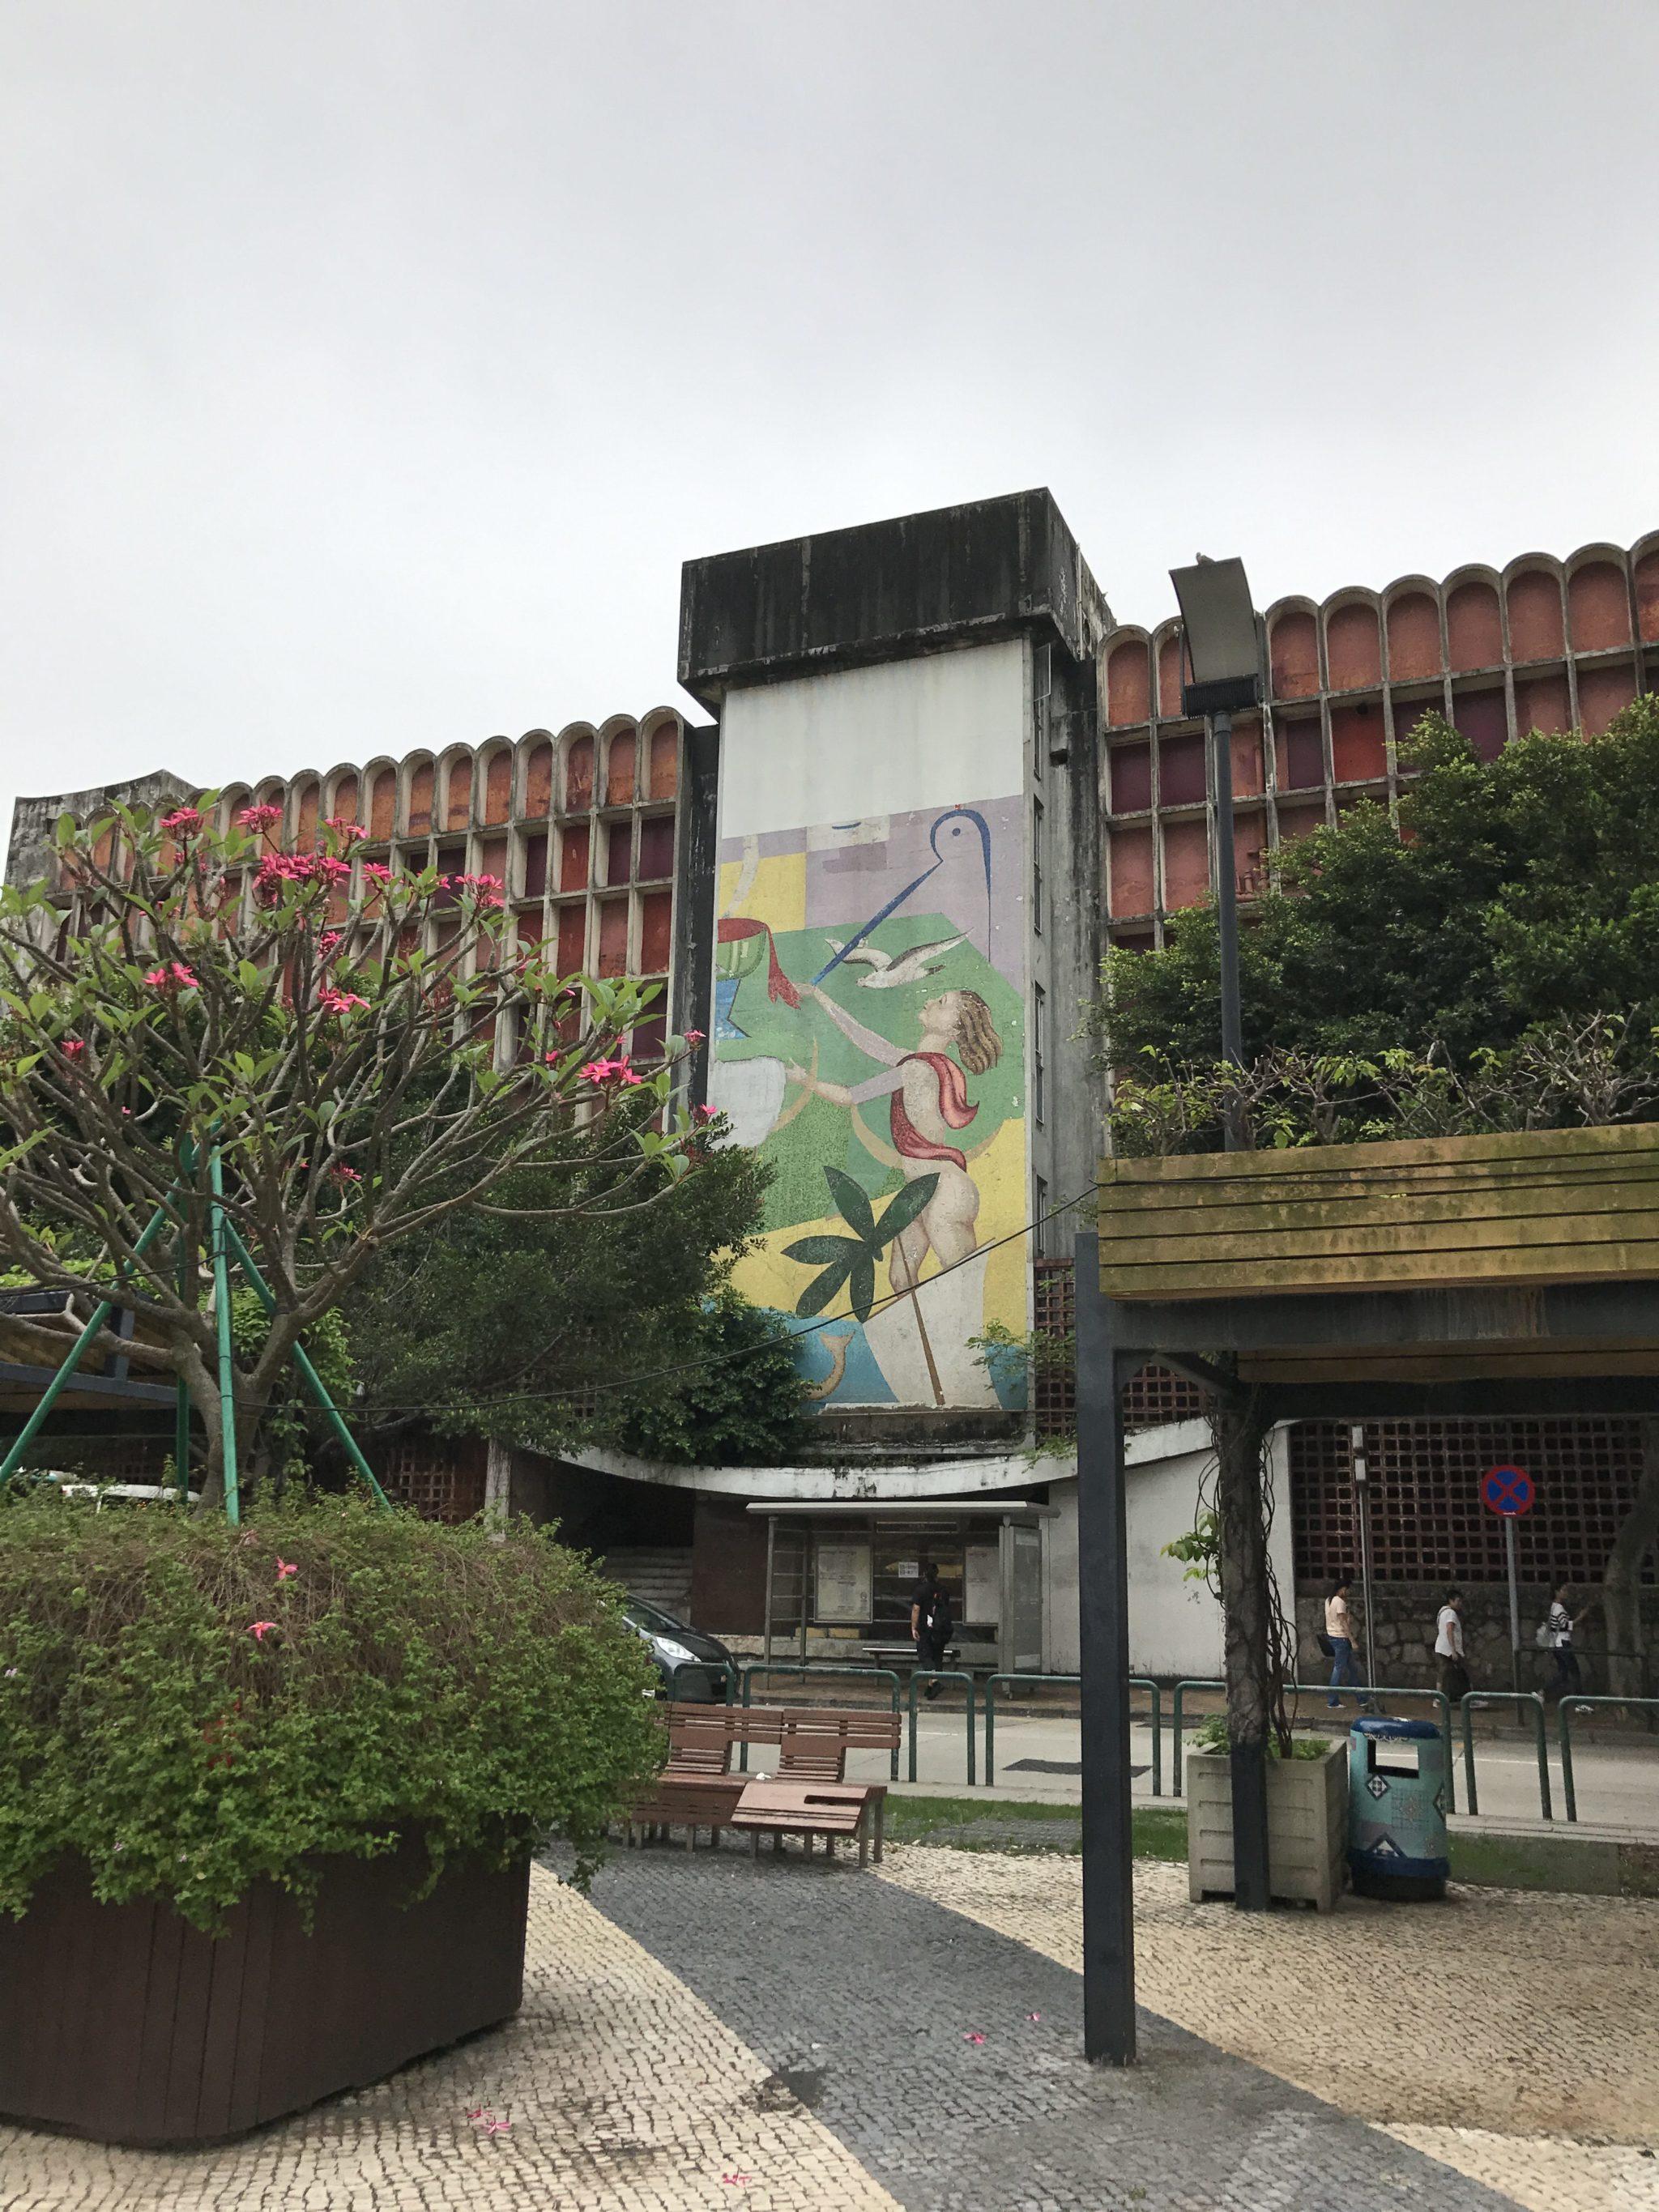 Hotel Estoril | Concurso de arquitectura lançado até ao fim do mês